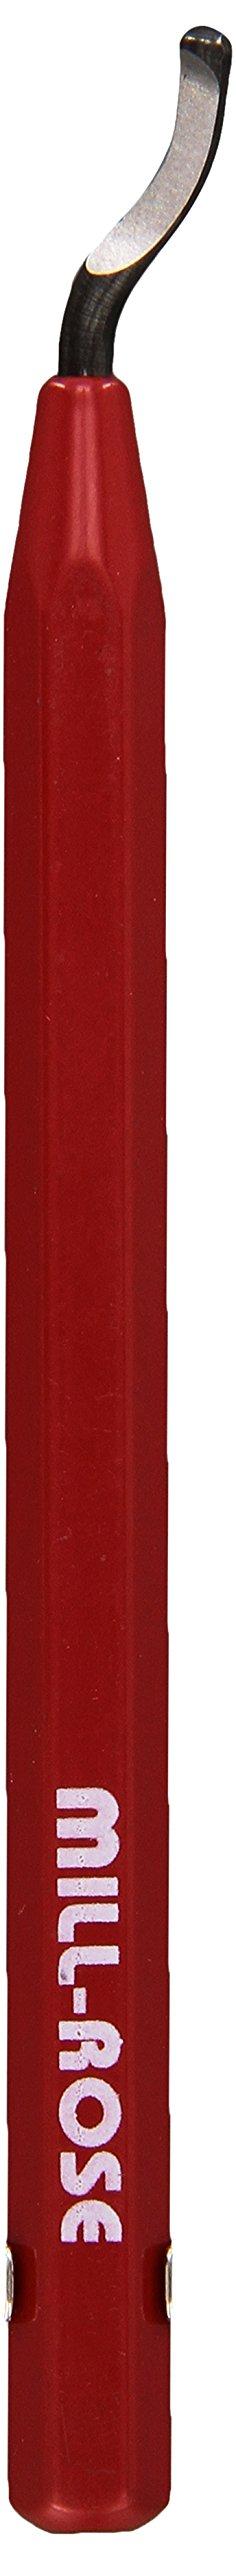 Millrose 70413 Pencil Deburring Tool